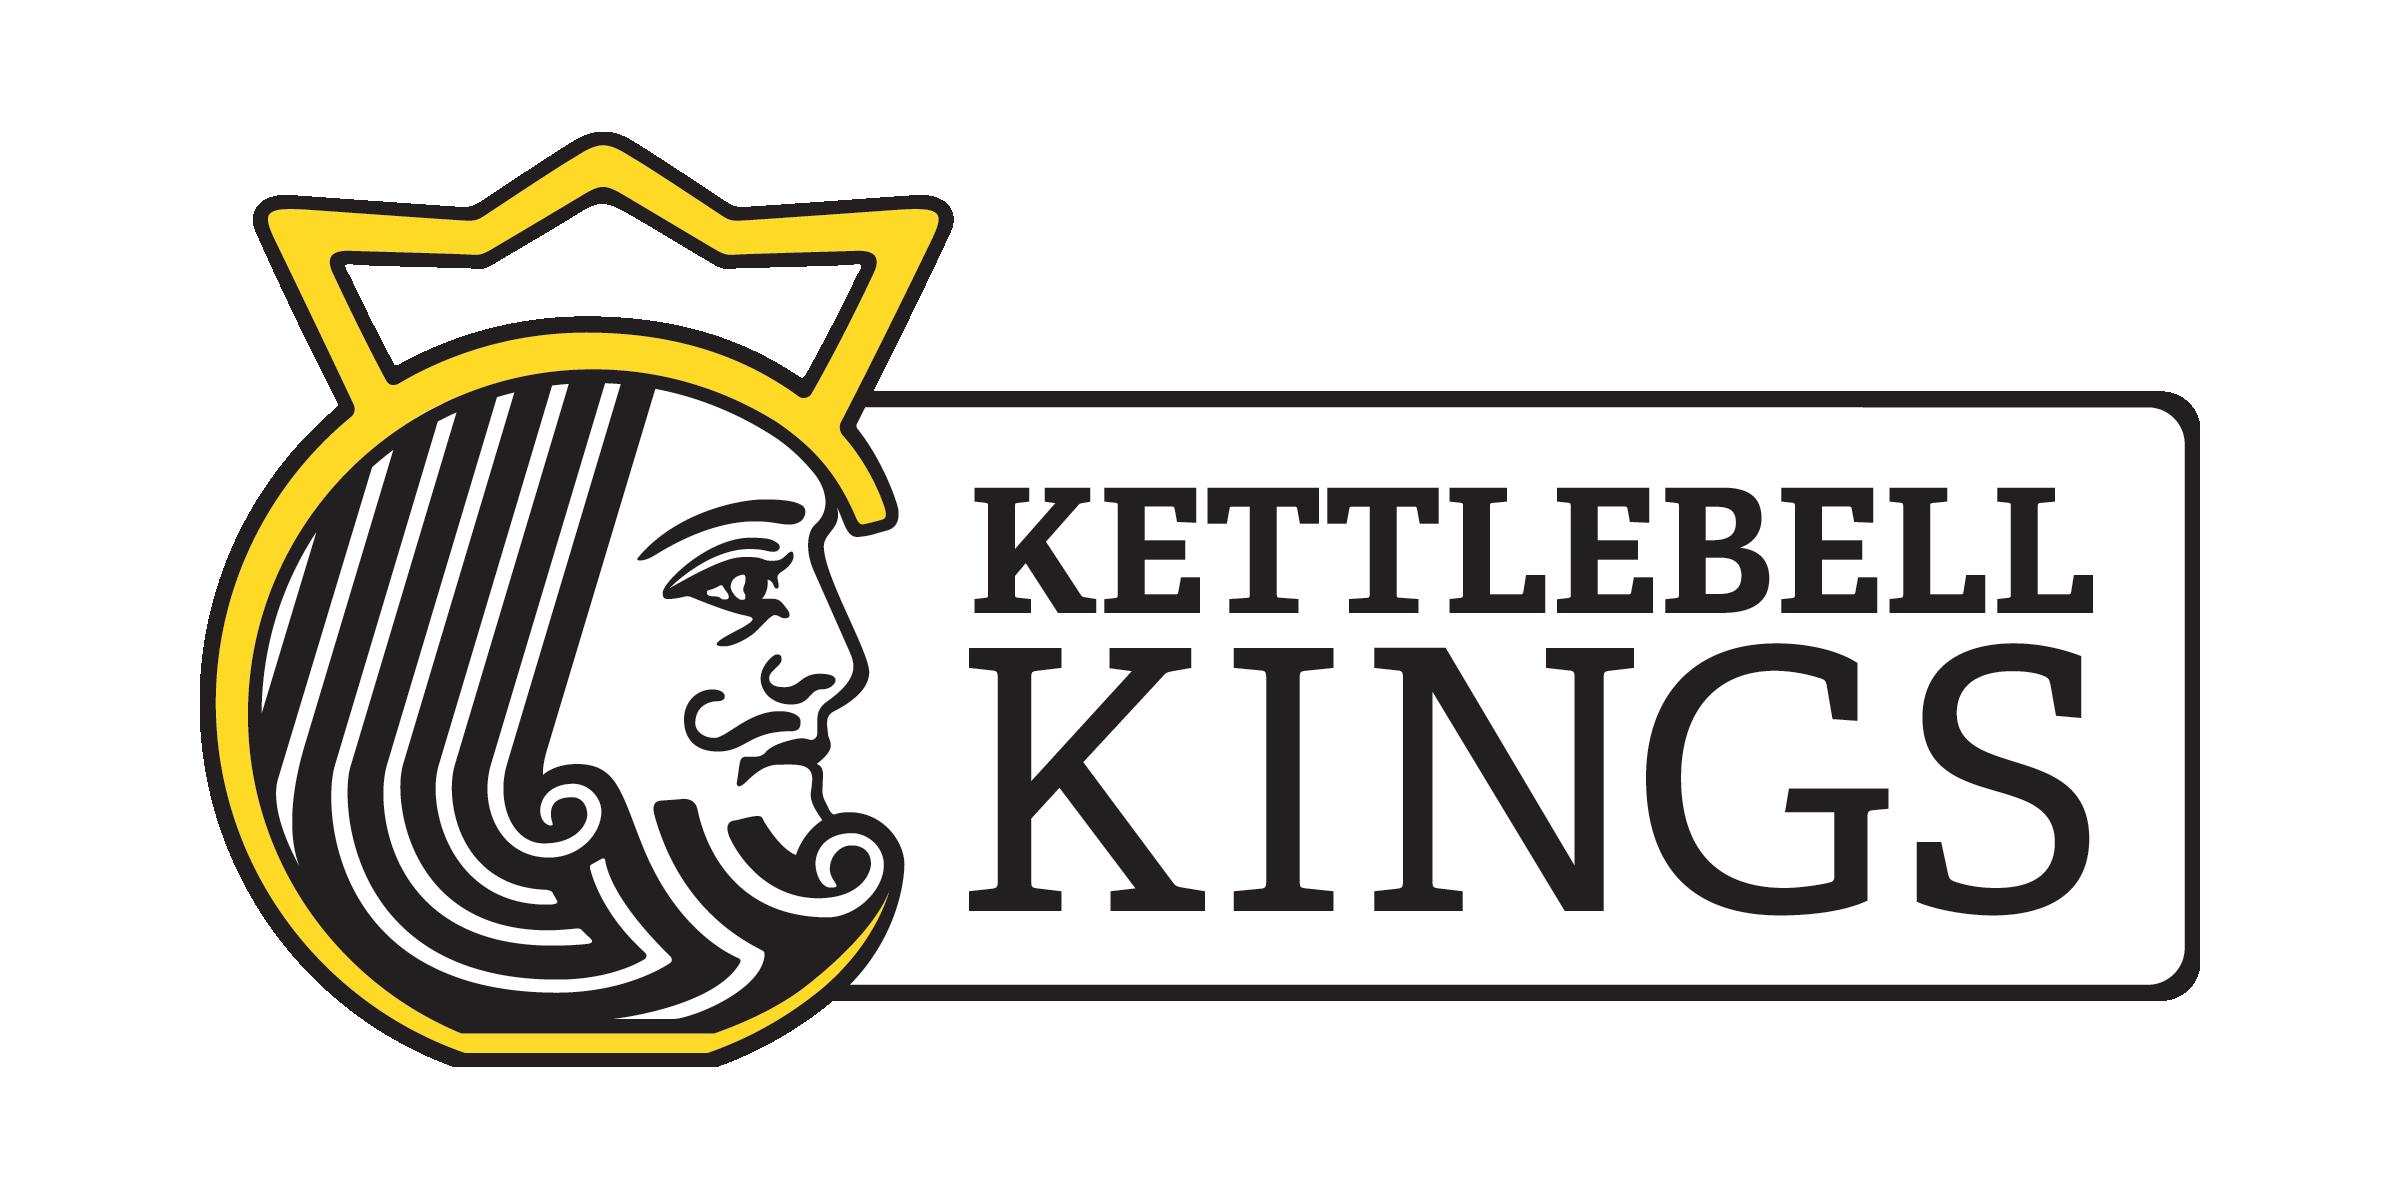 John Schaser - Ambassador for KettbellKings